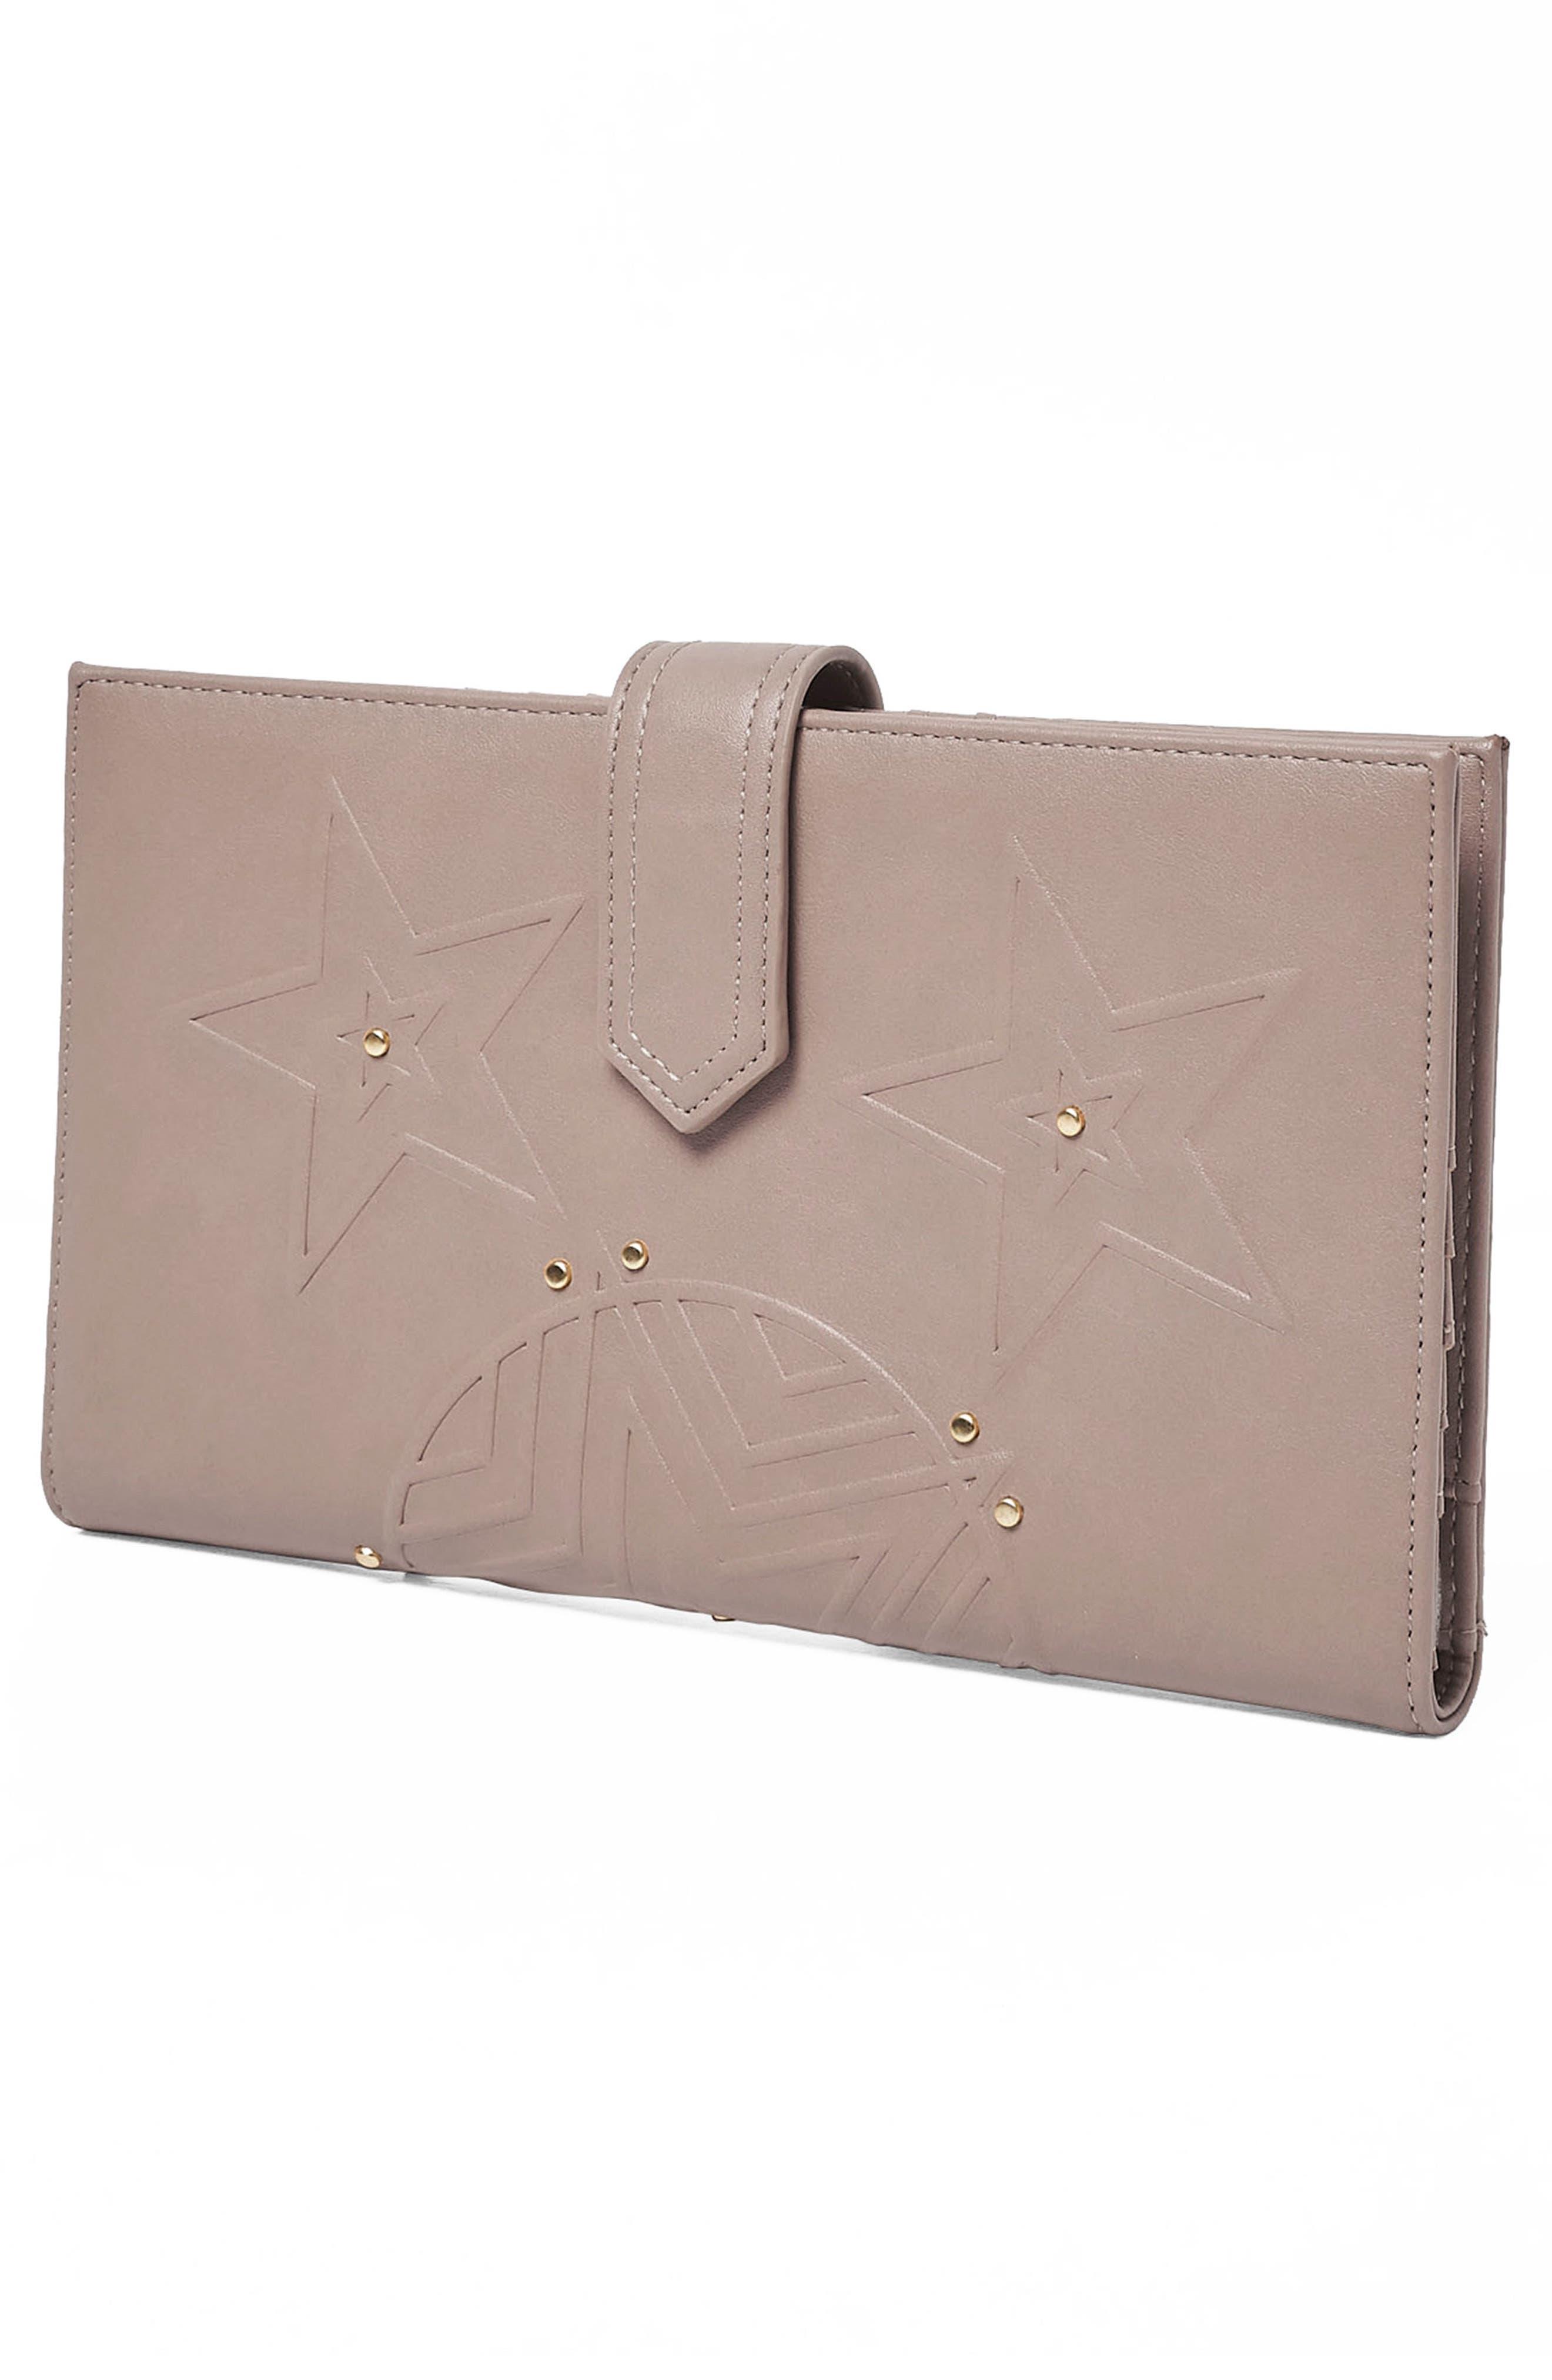 Starstruck Vegan Leather Wallet,                             Alternate thumbnail 8, color,